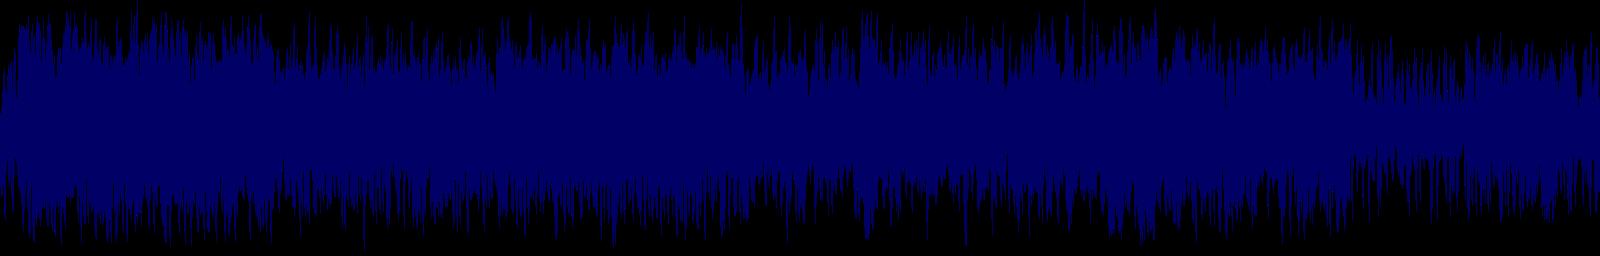 waveform of track #143563